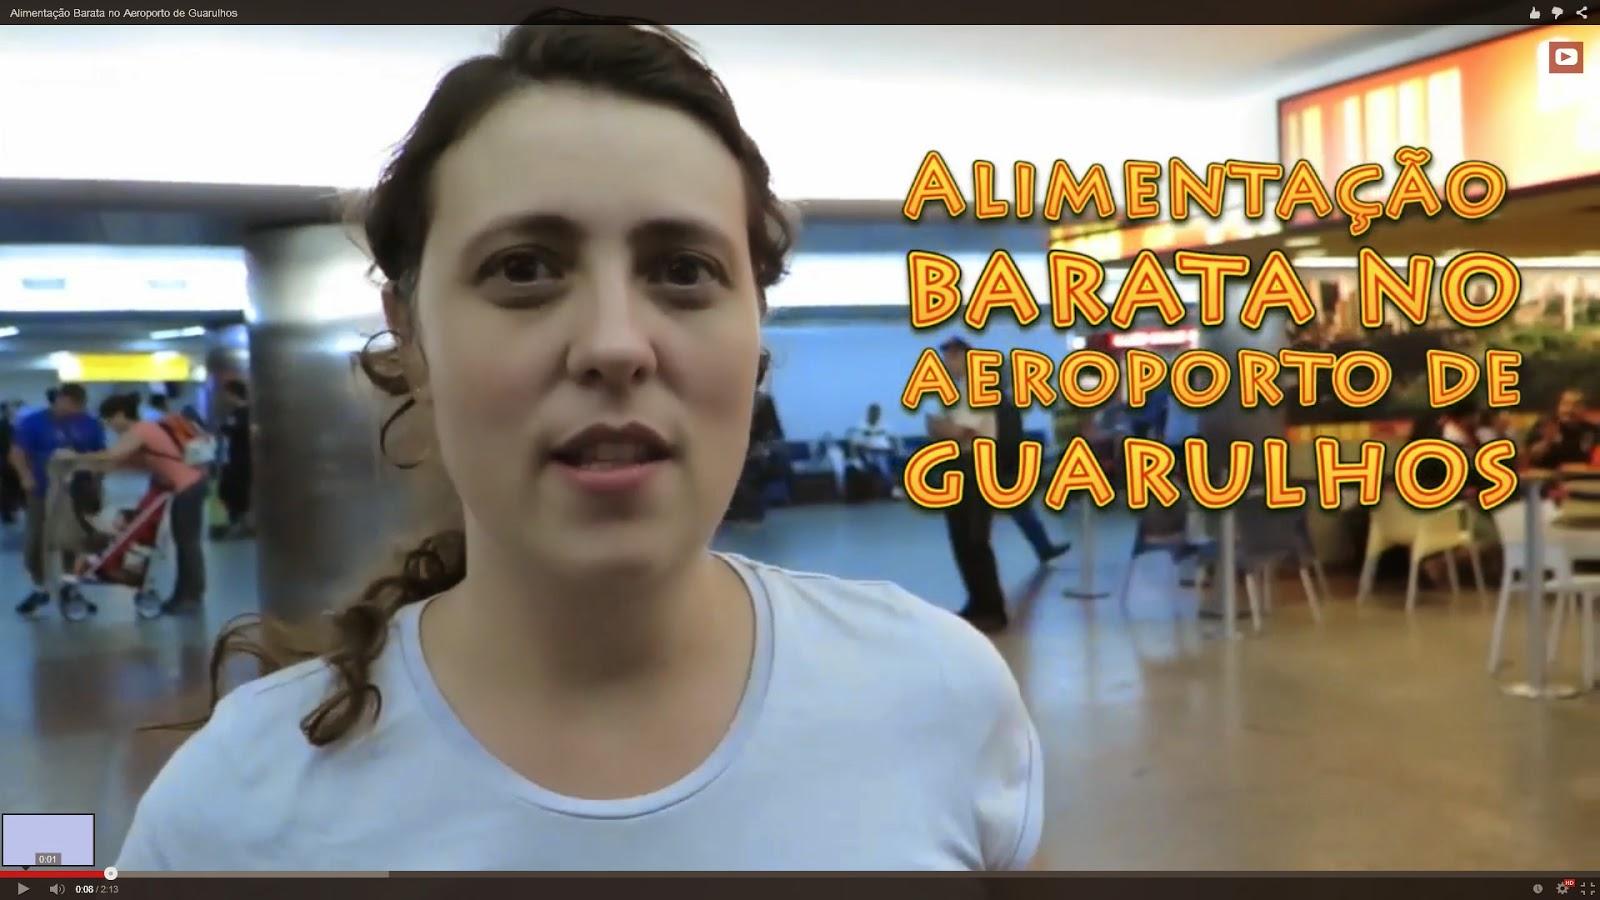 Alimentação Barata no Aeroporto de Guarulhos (Vídeo)